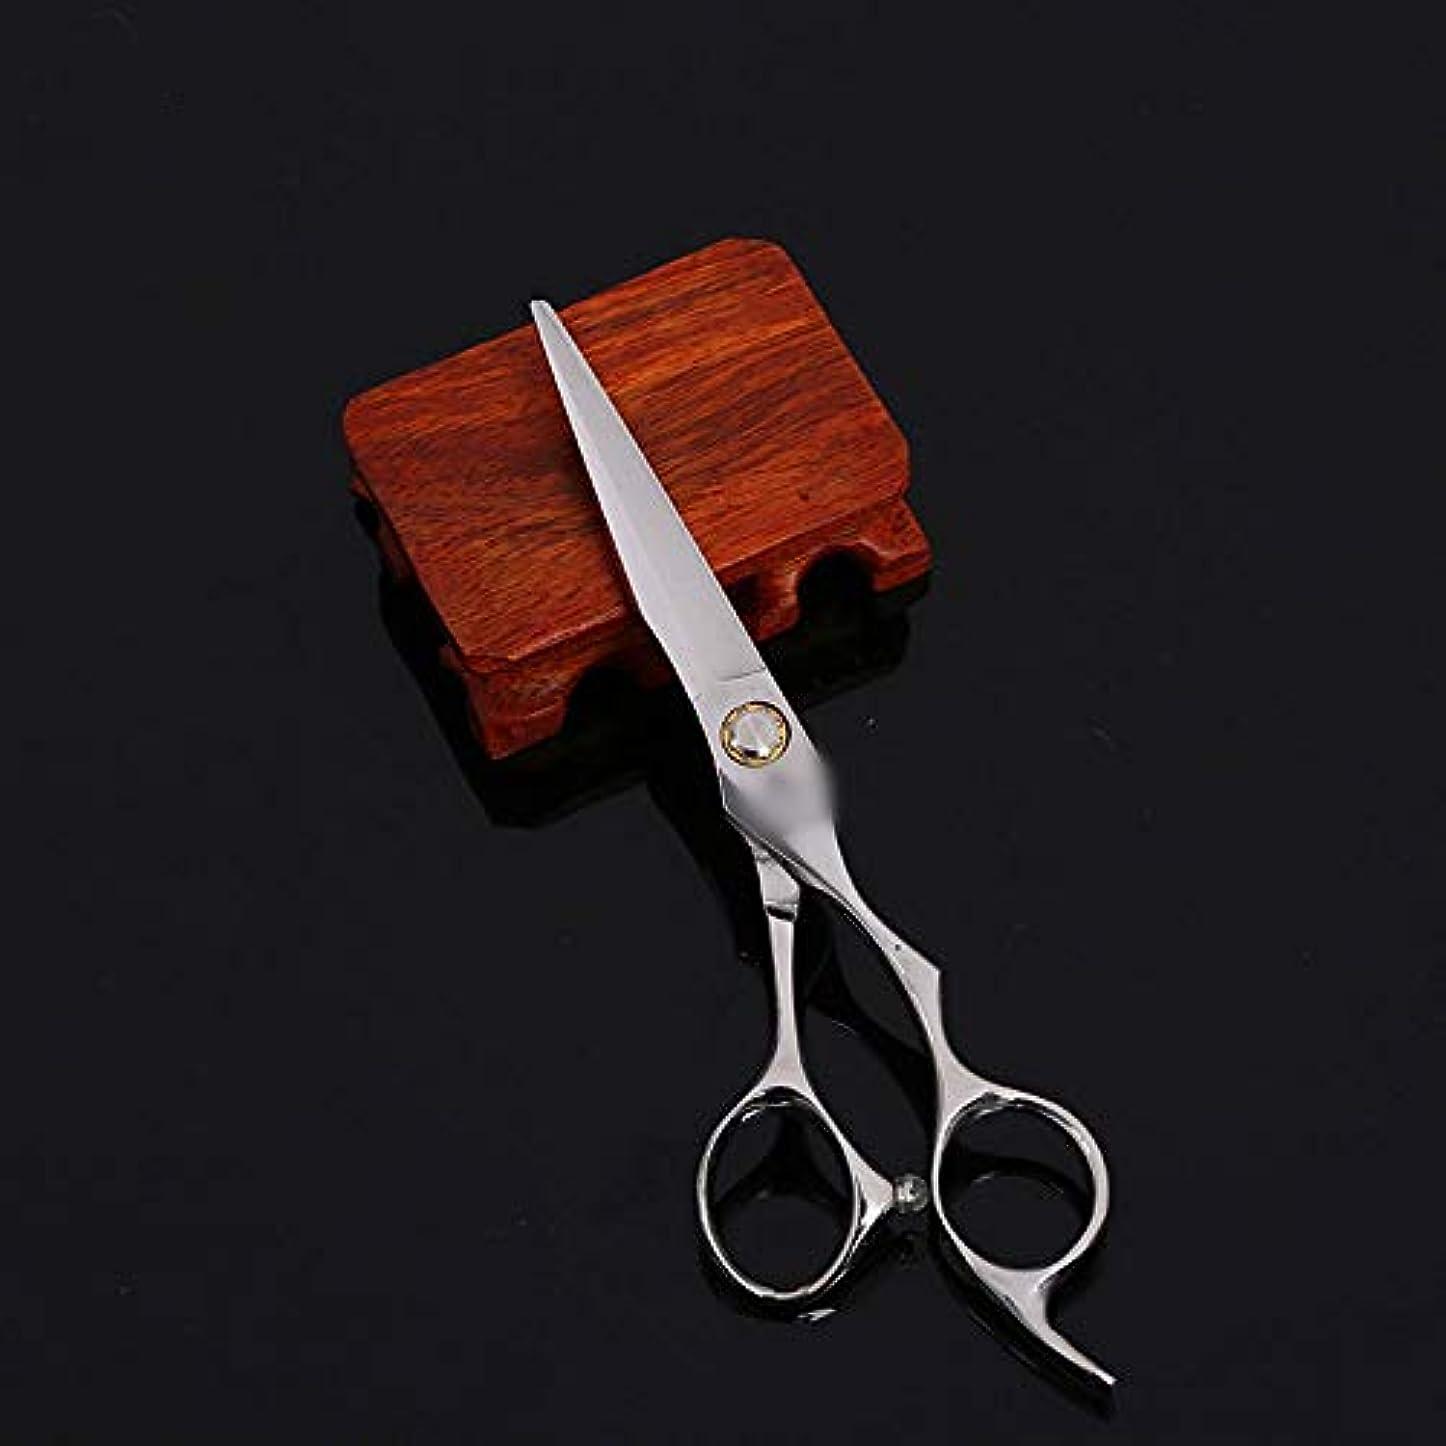 ドラム省略頼む6インチ美容院はさみプロフェッショナルハイエンド理髪はさみフラットせん断 モデリングツール (色 : Silver)